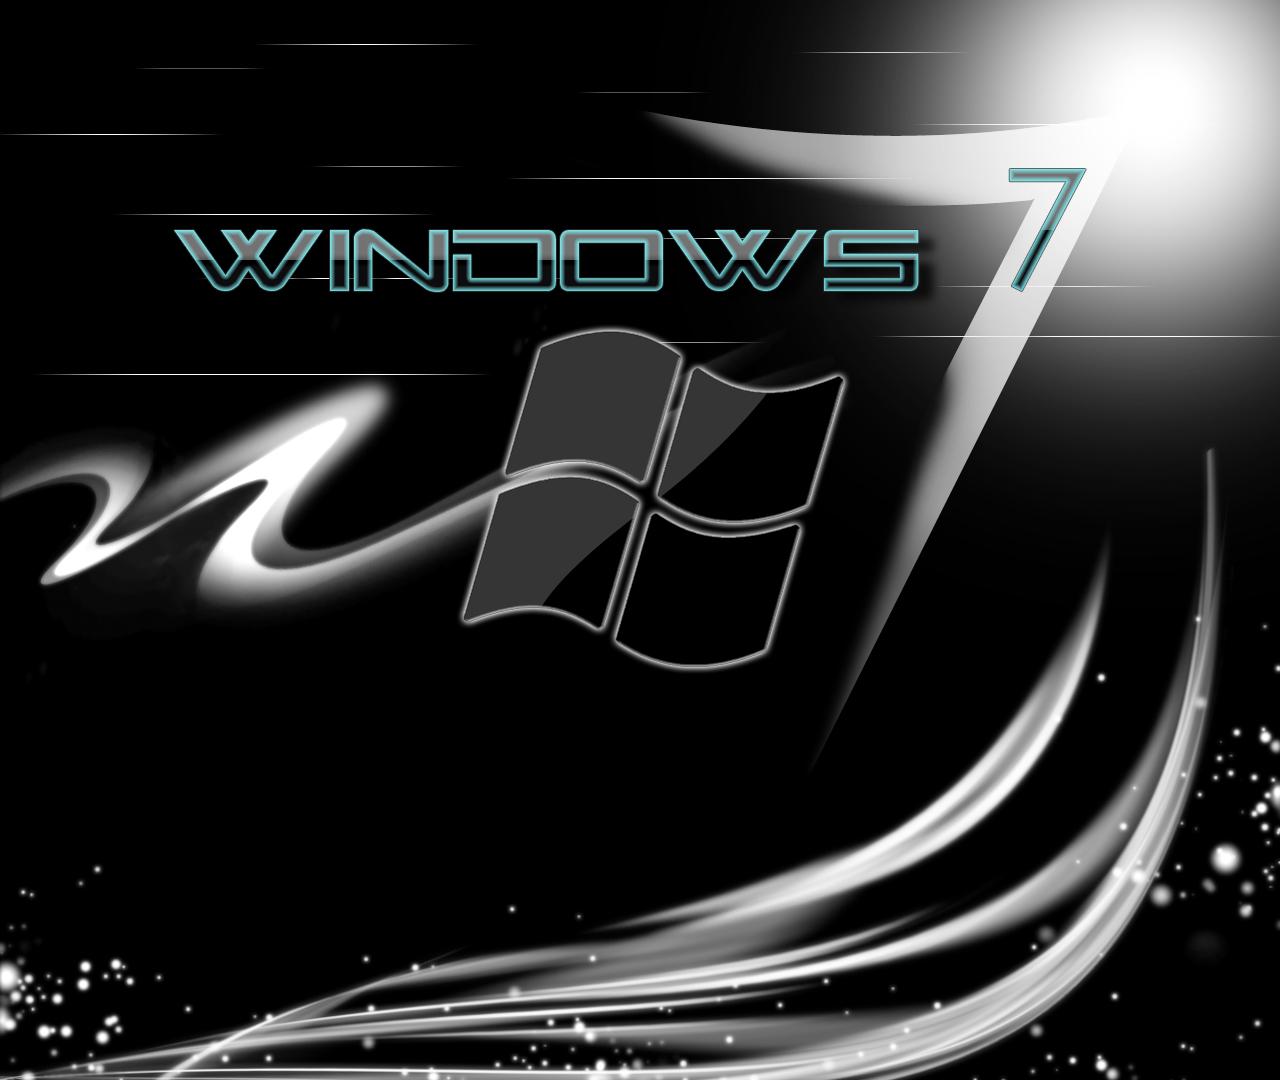 window 7 hd wallpaper hd wallpapers of windows 7